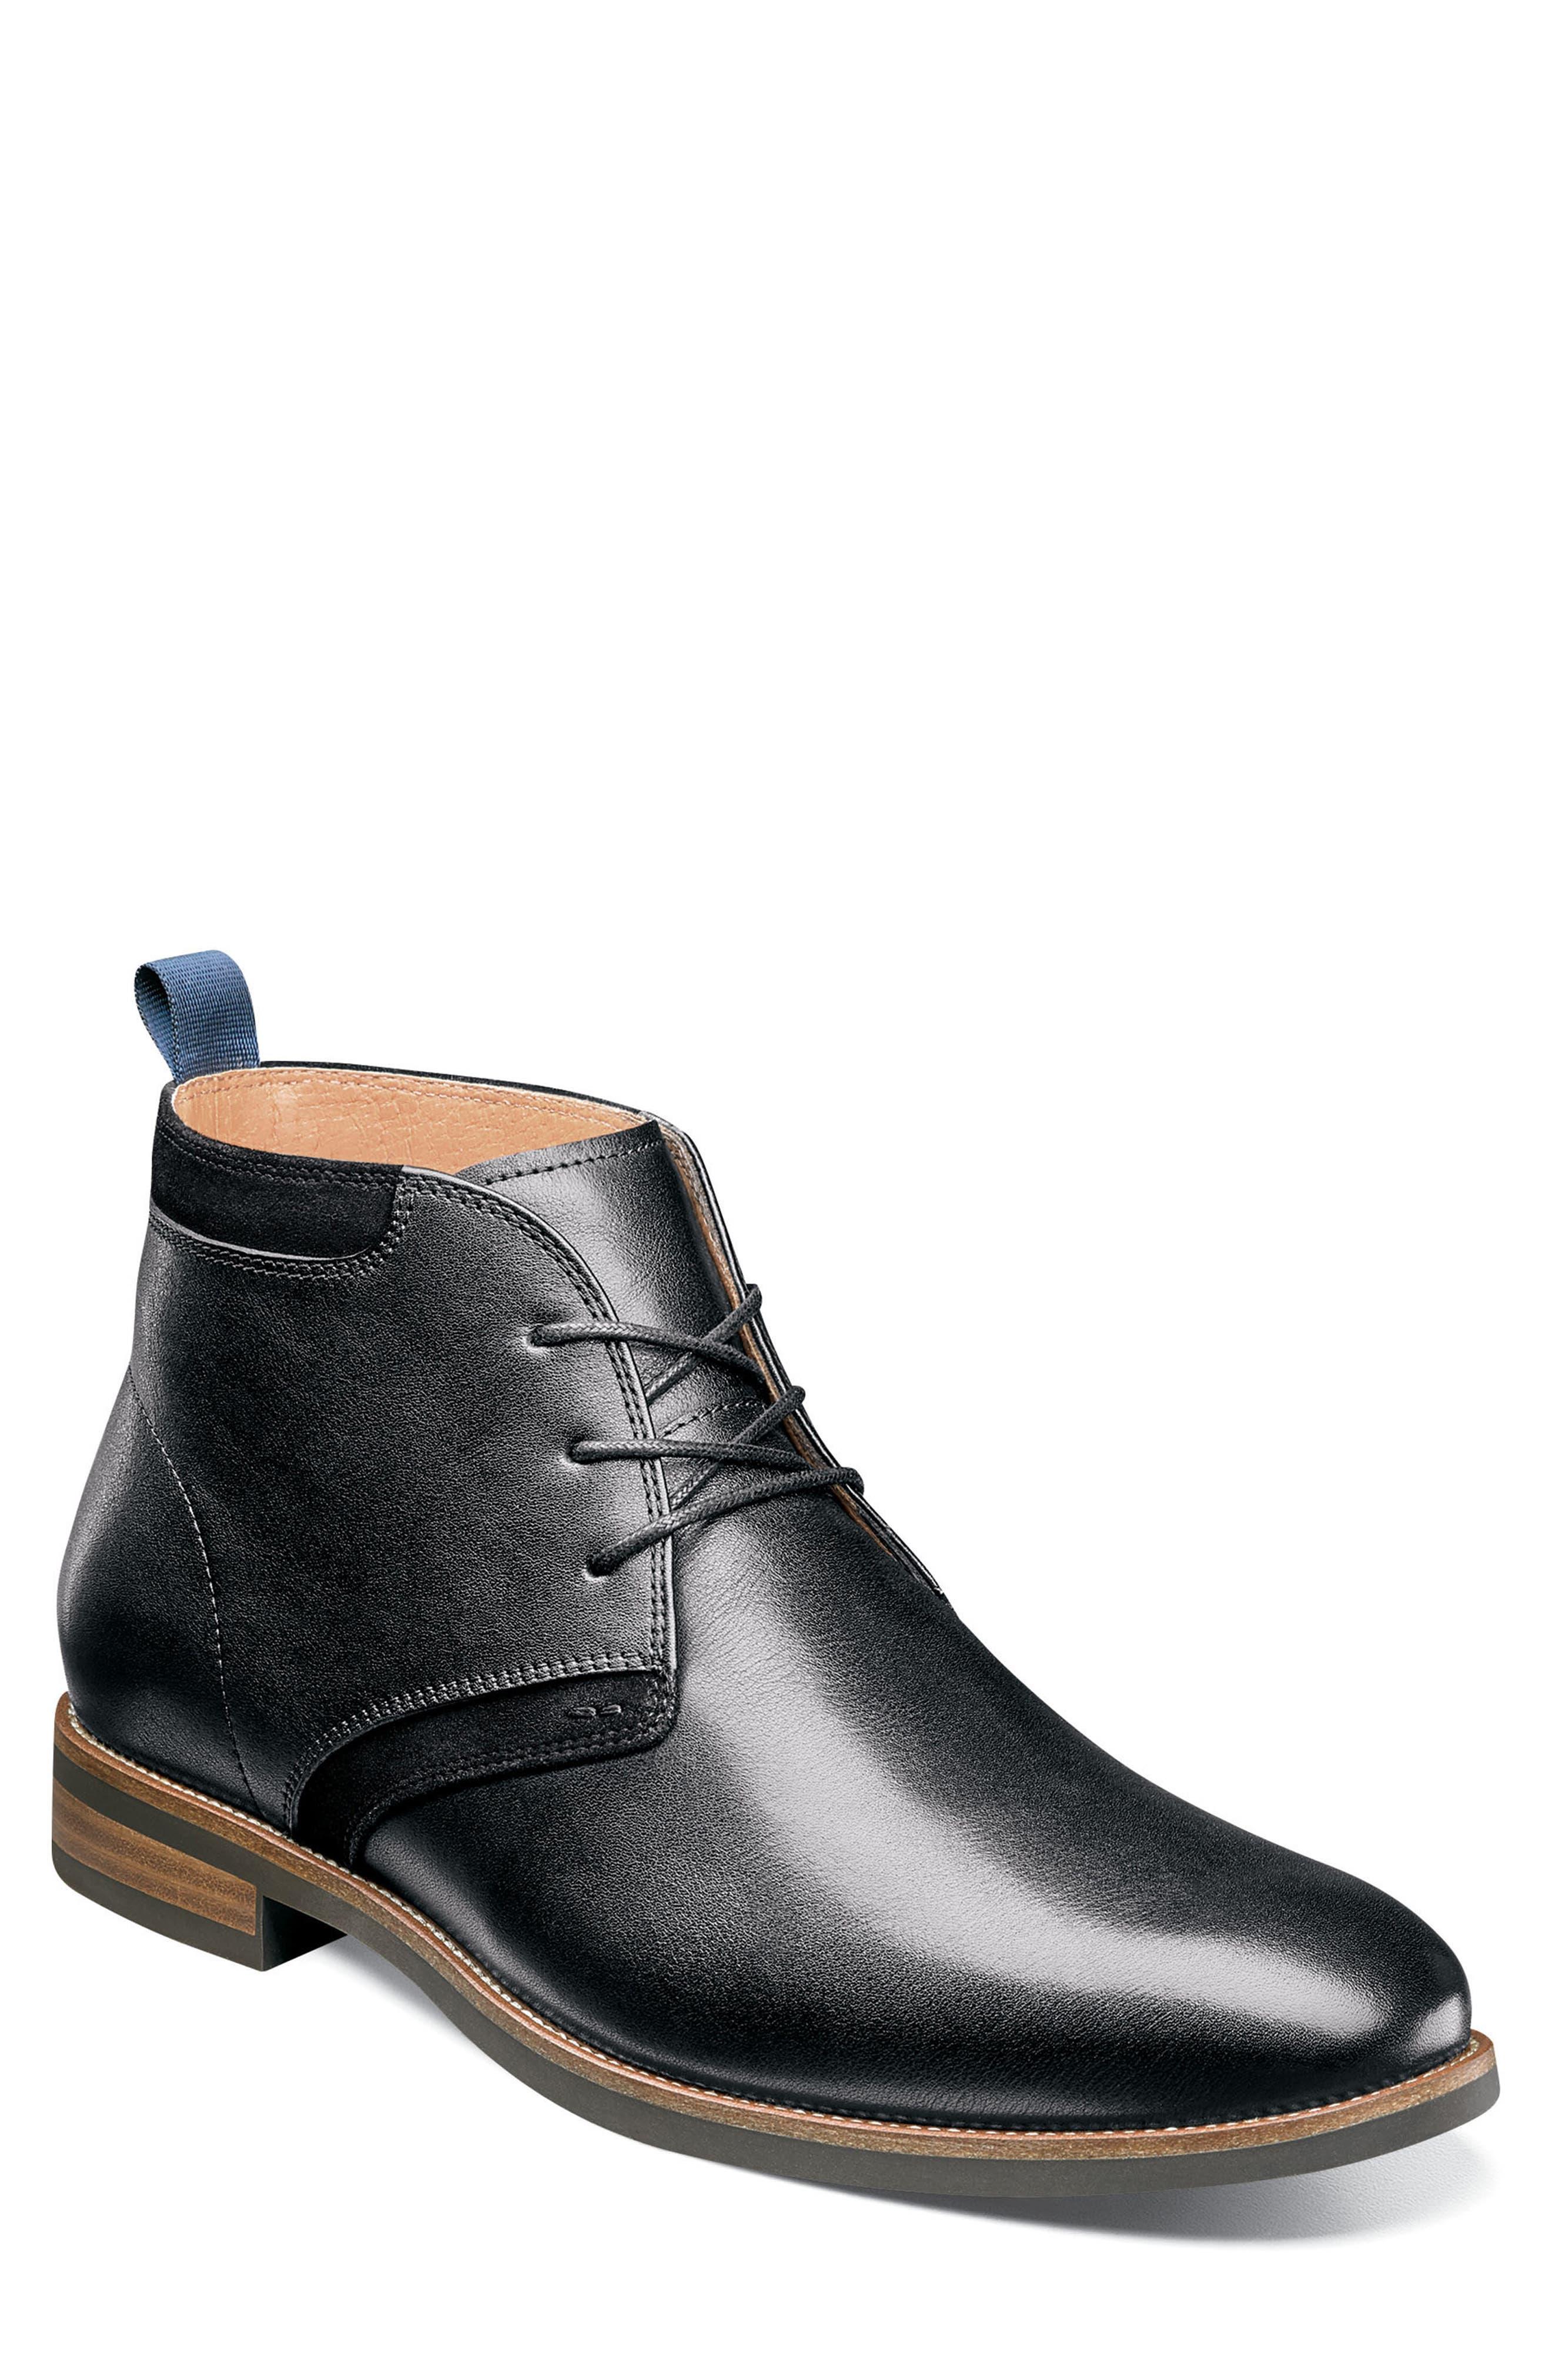 Florsheim Uptown Chukka Boot - Black